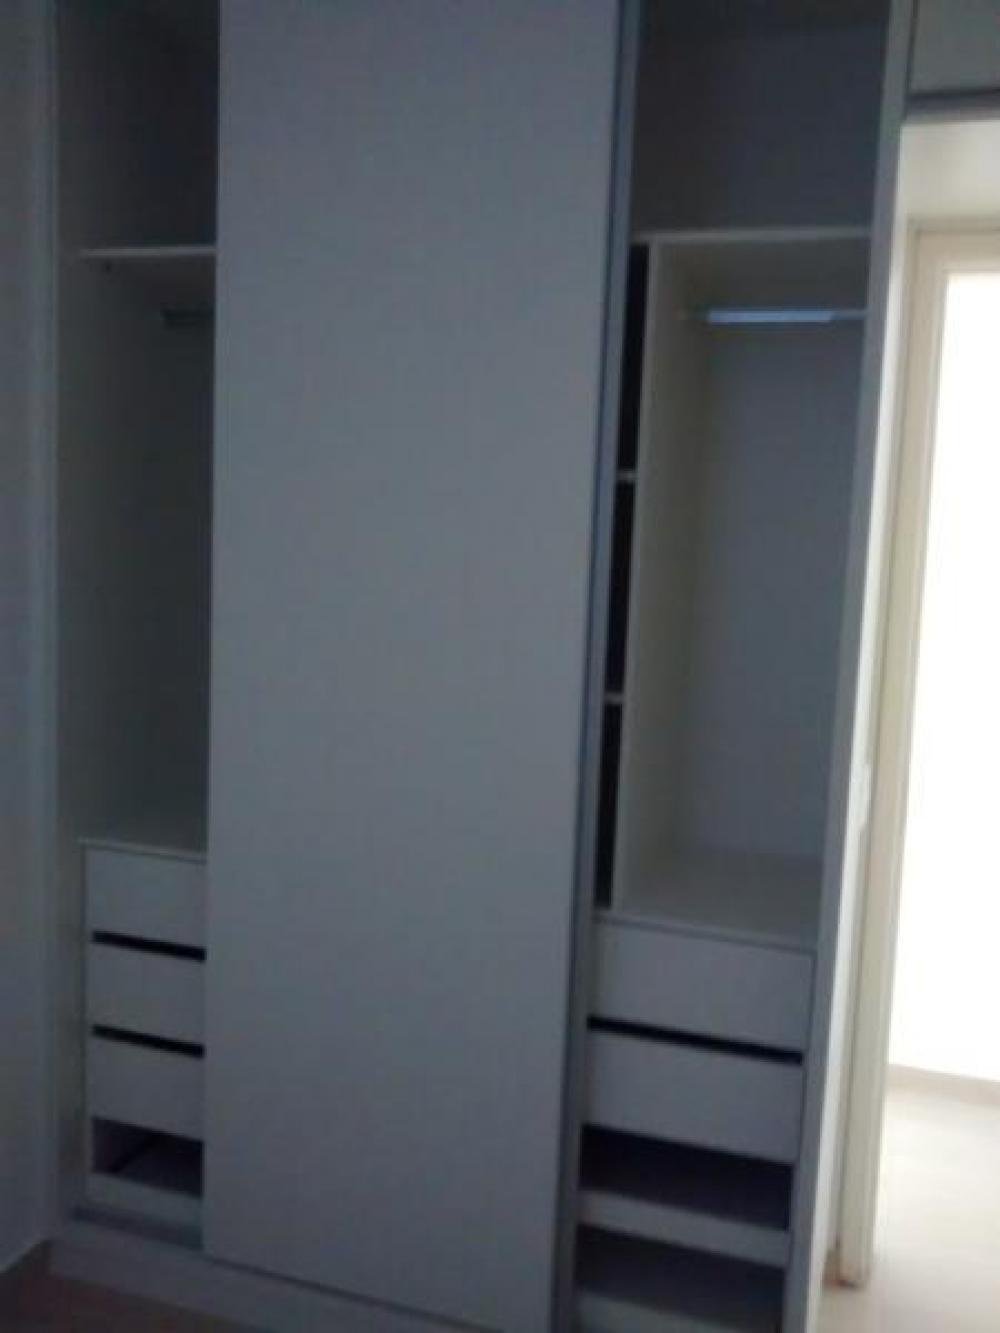 Comprar Apartamento / Padrão em São José do Rio Preto apenas R$ 385.000,00 - Foto 4